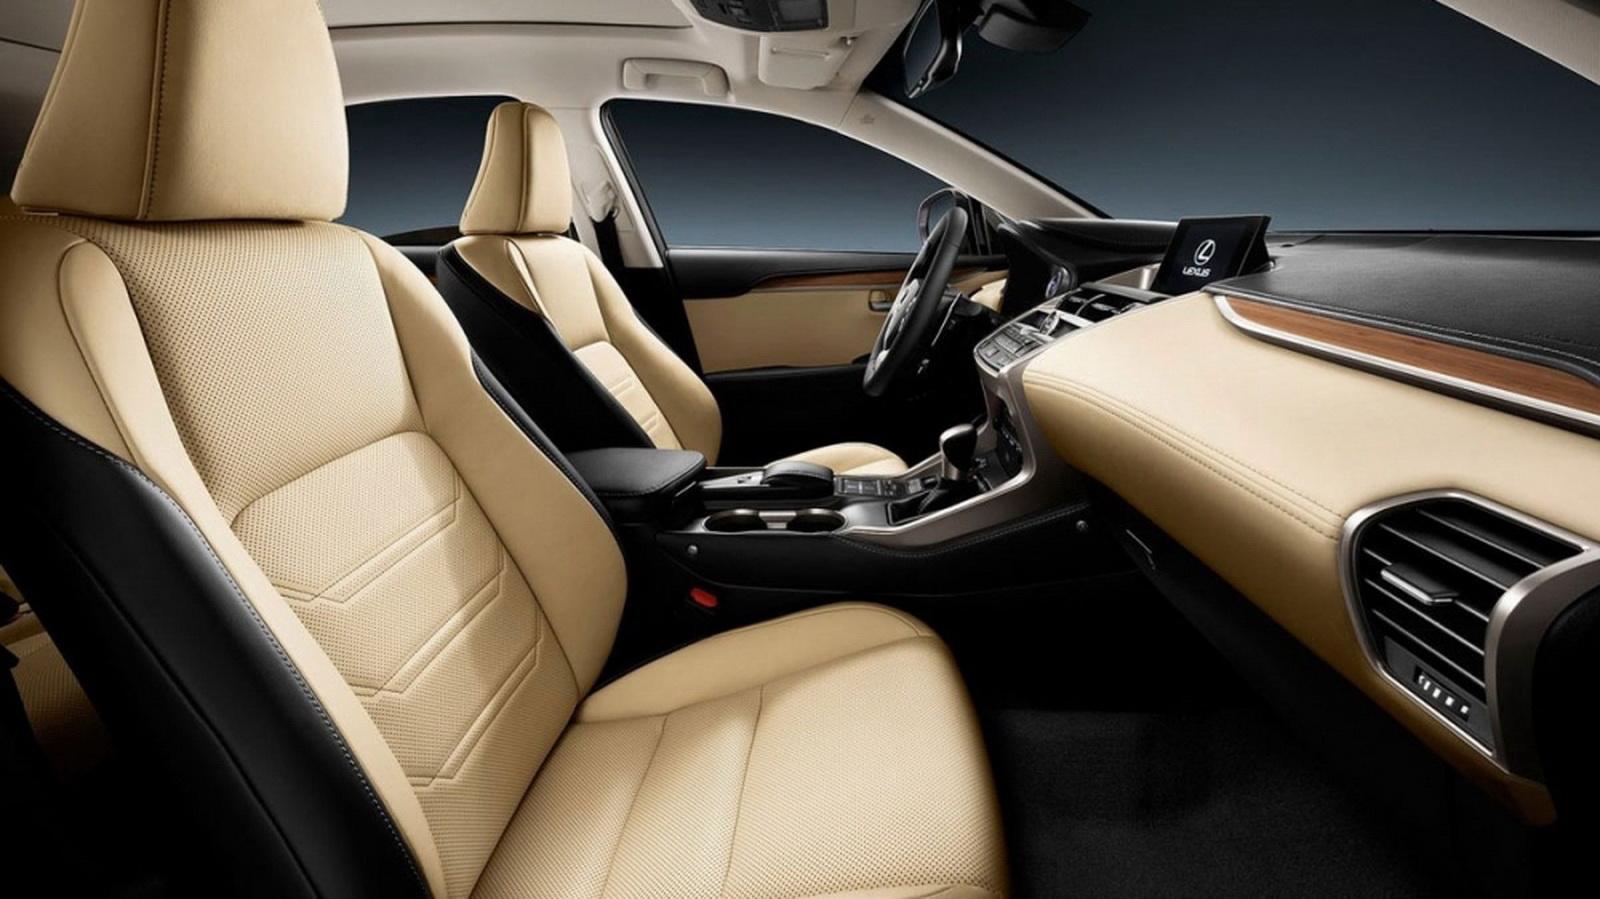 圖/NX 200展現出Lexus引以為傲的職人工藝,特別是座椅上的皮革縫線完美筆直呈現,徹底展現出精湛的手工車縫技藝。